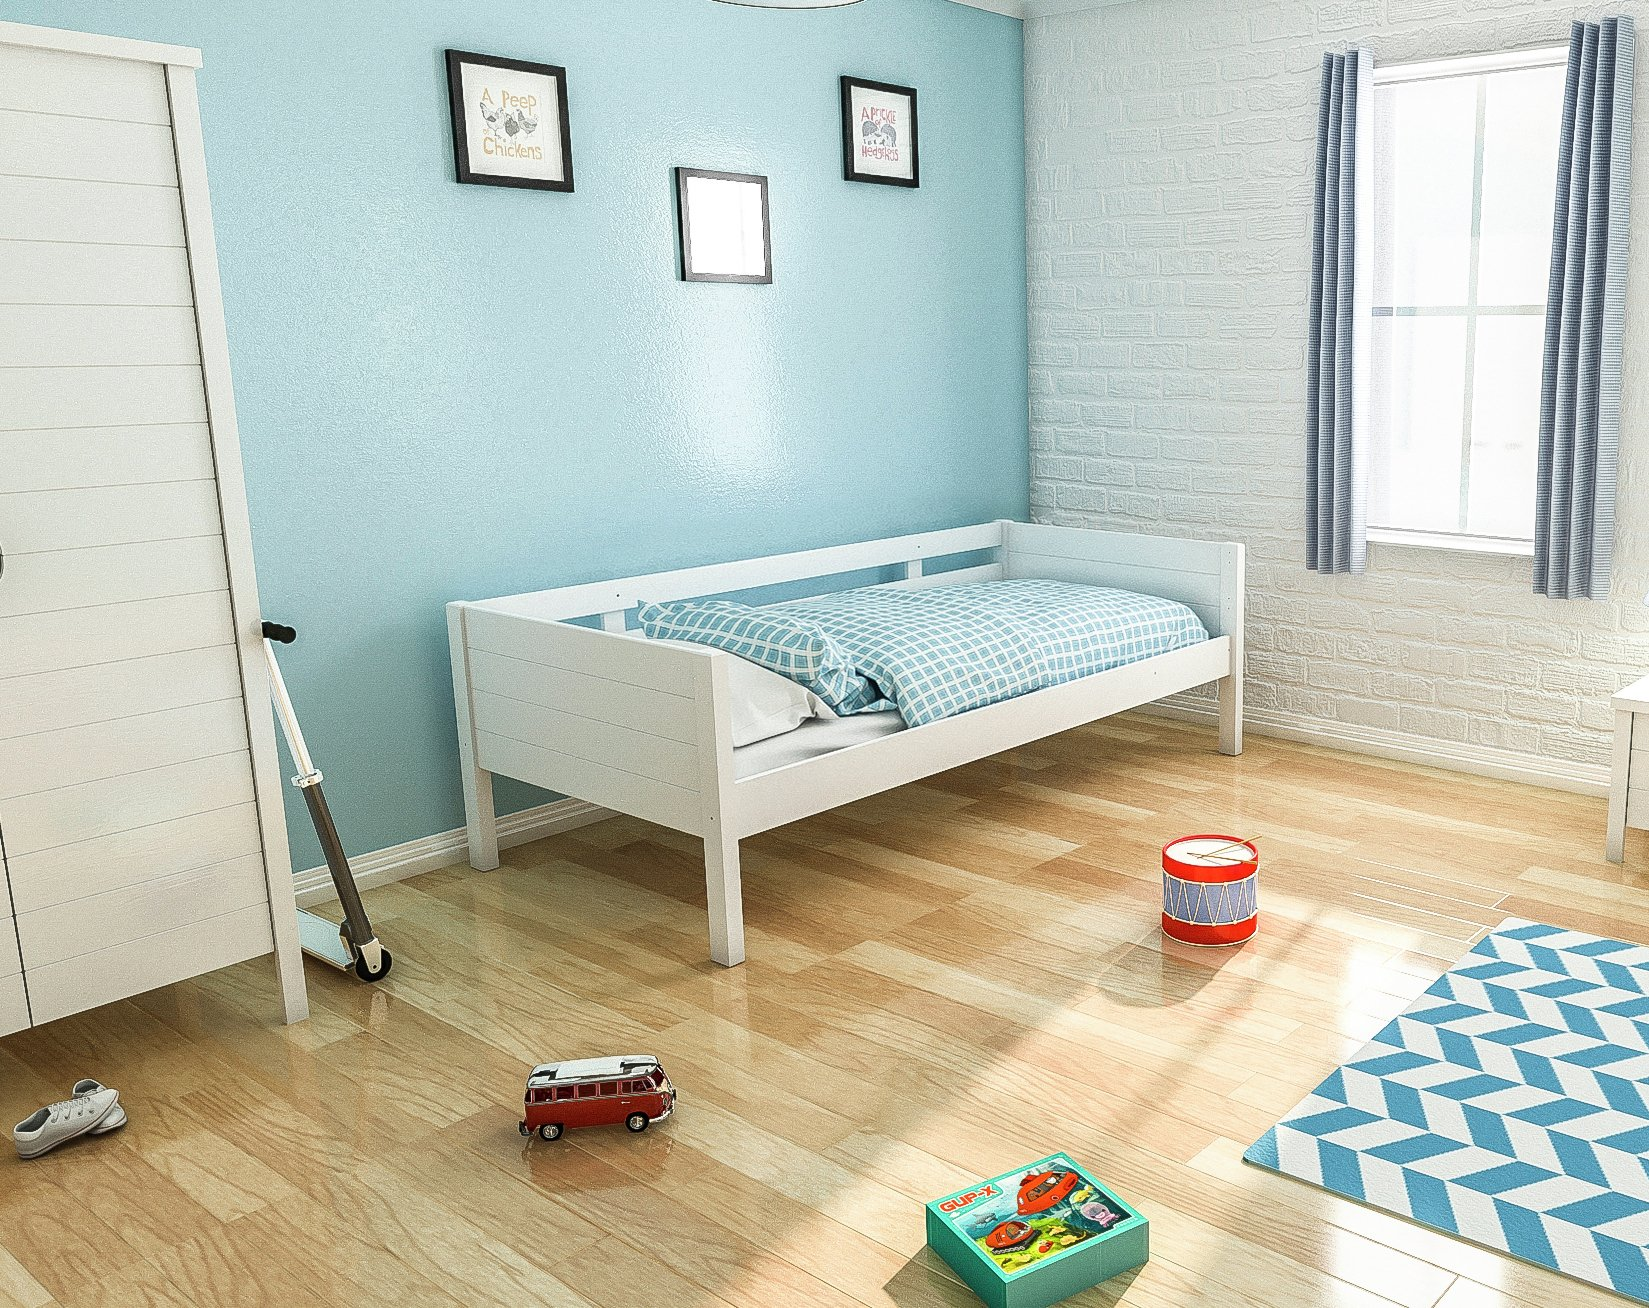 Jango Day Bed - White